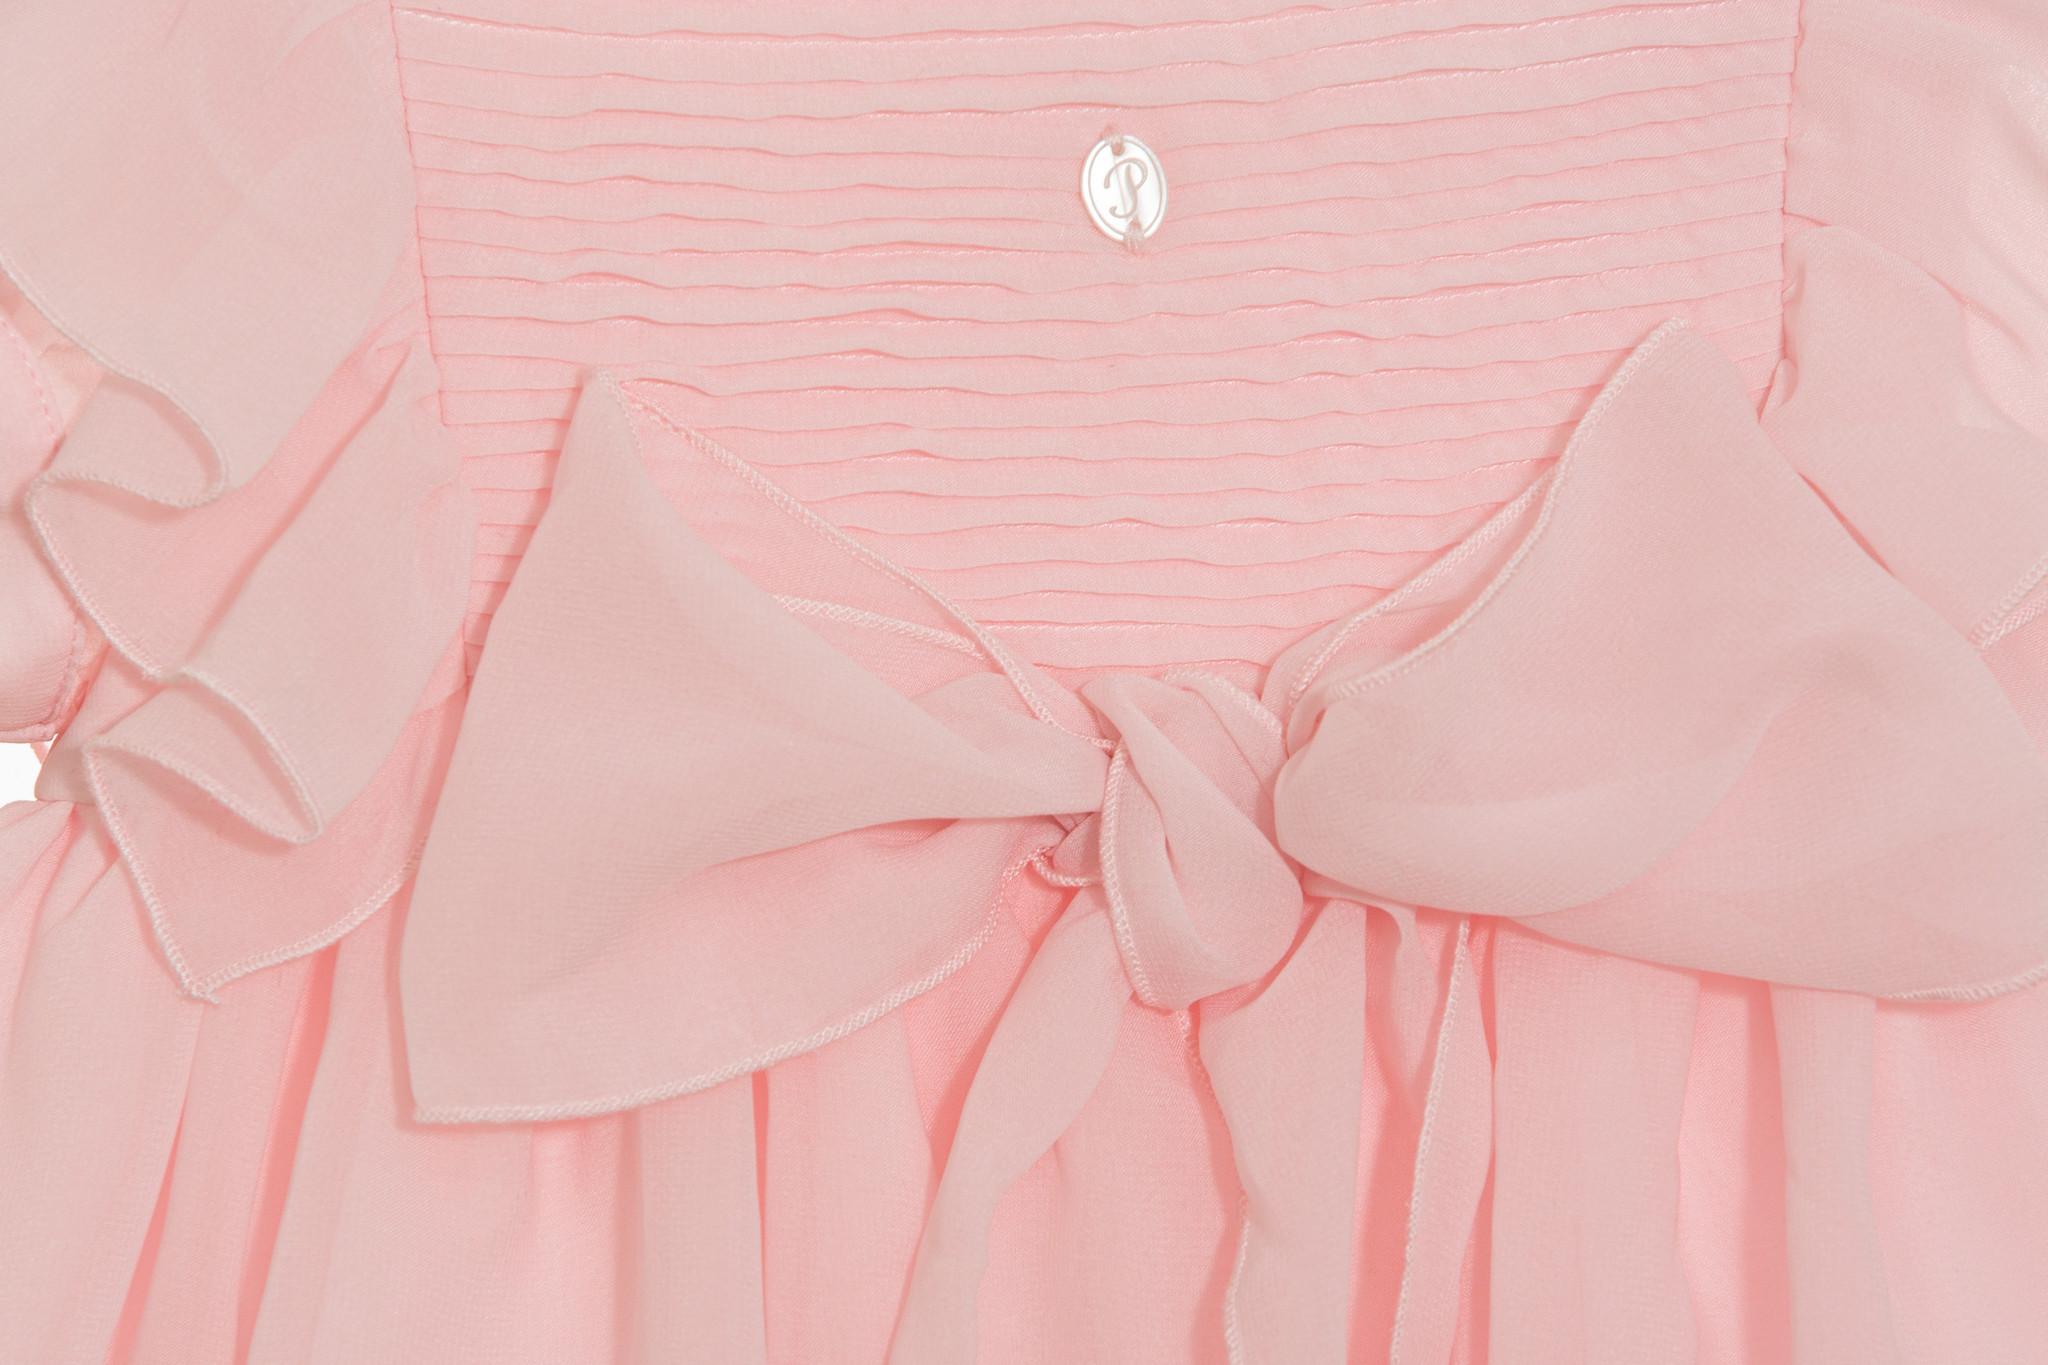 Patachou Patachou Chiffon Frill Dress 3273 S21